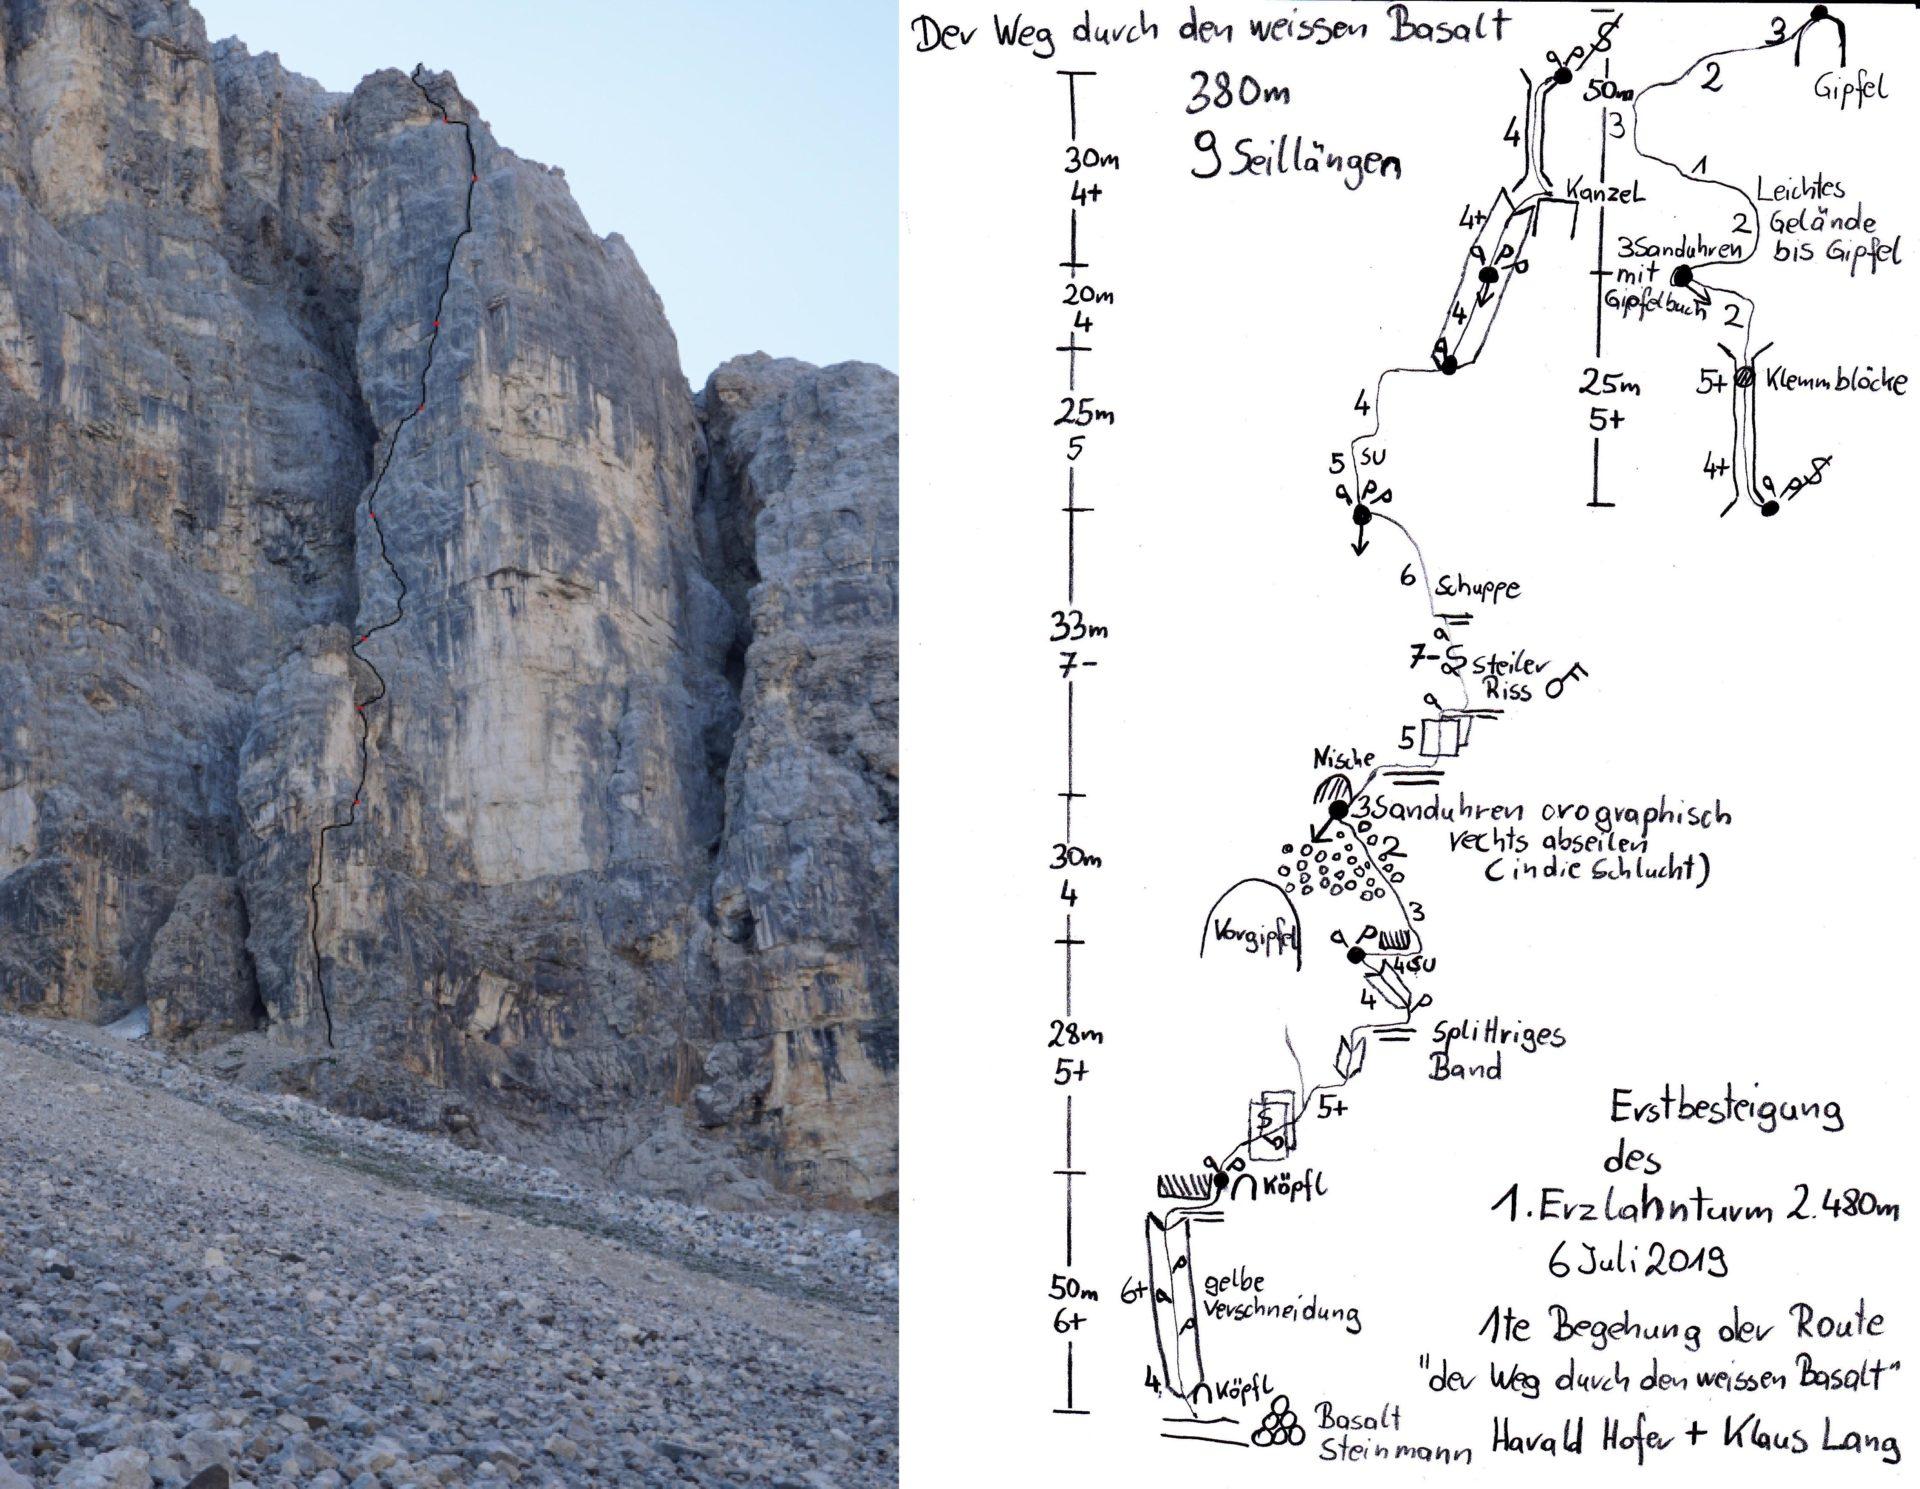 Routenskizze - Der Weg durch den weißen Basalt © Klaus Lang